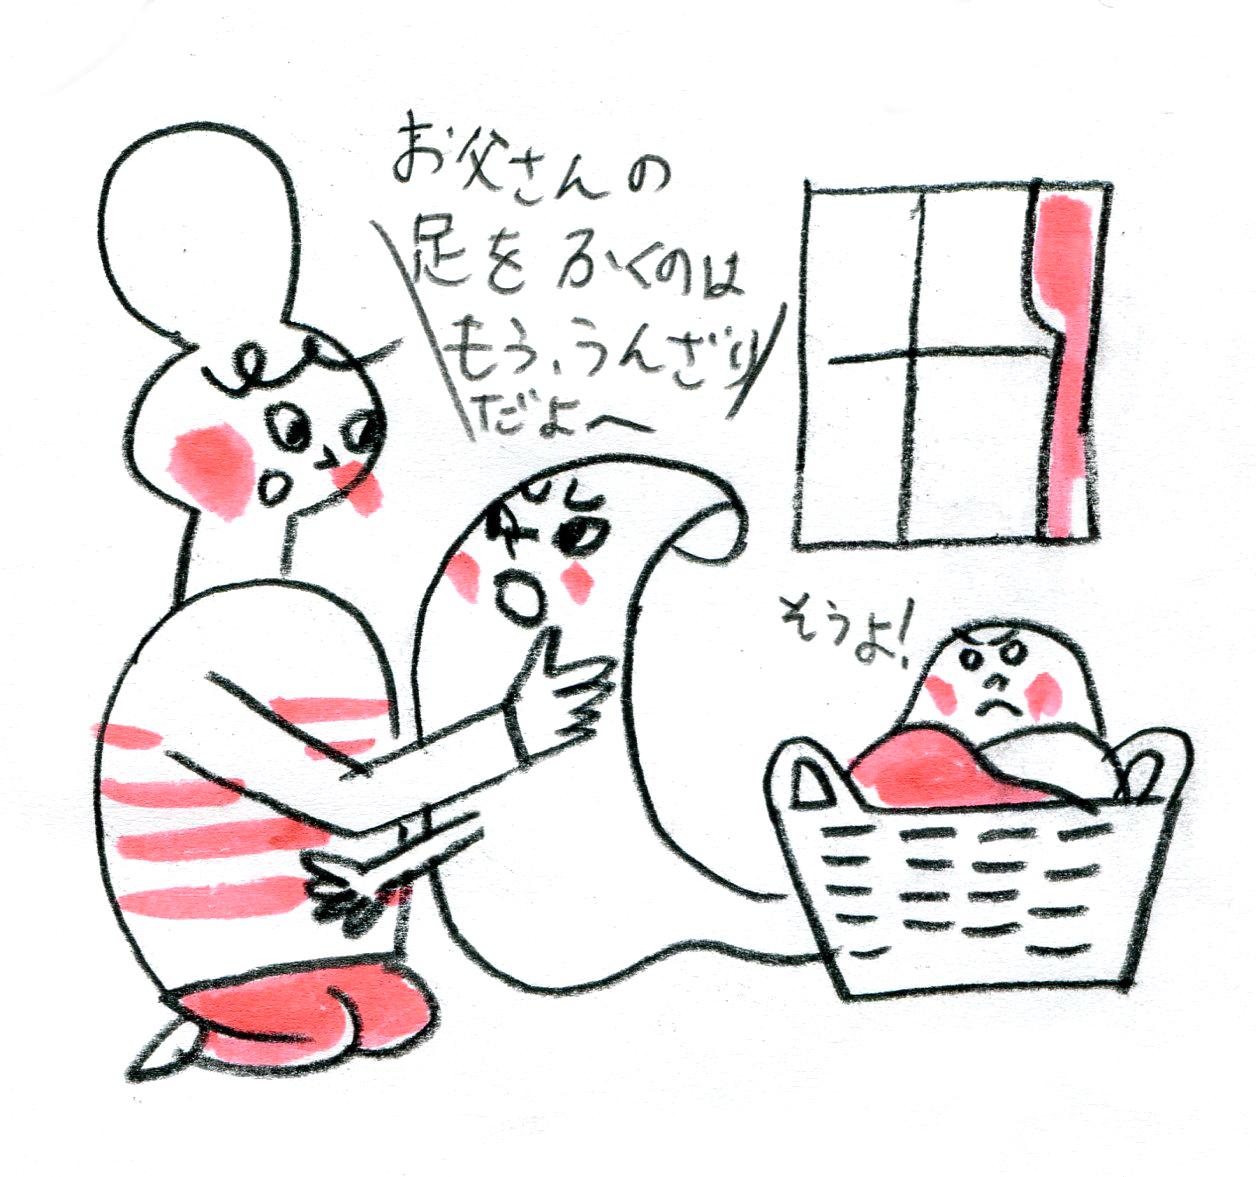 【タオルの気持ち①】おやじ臭